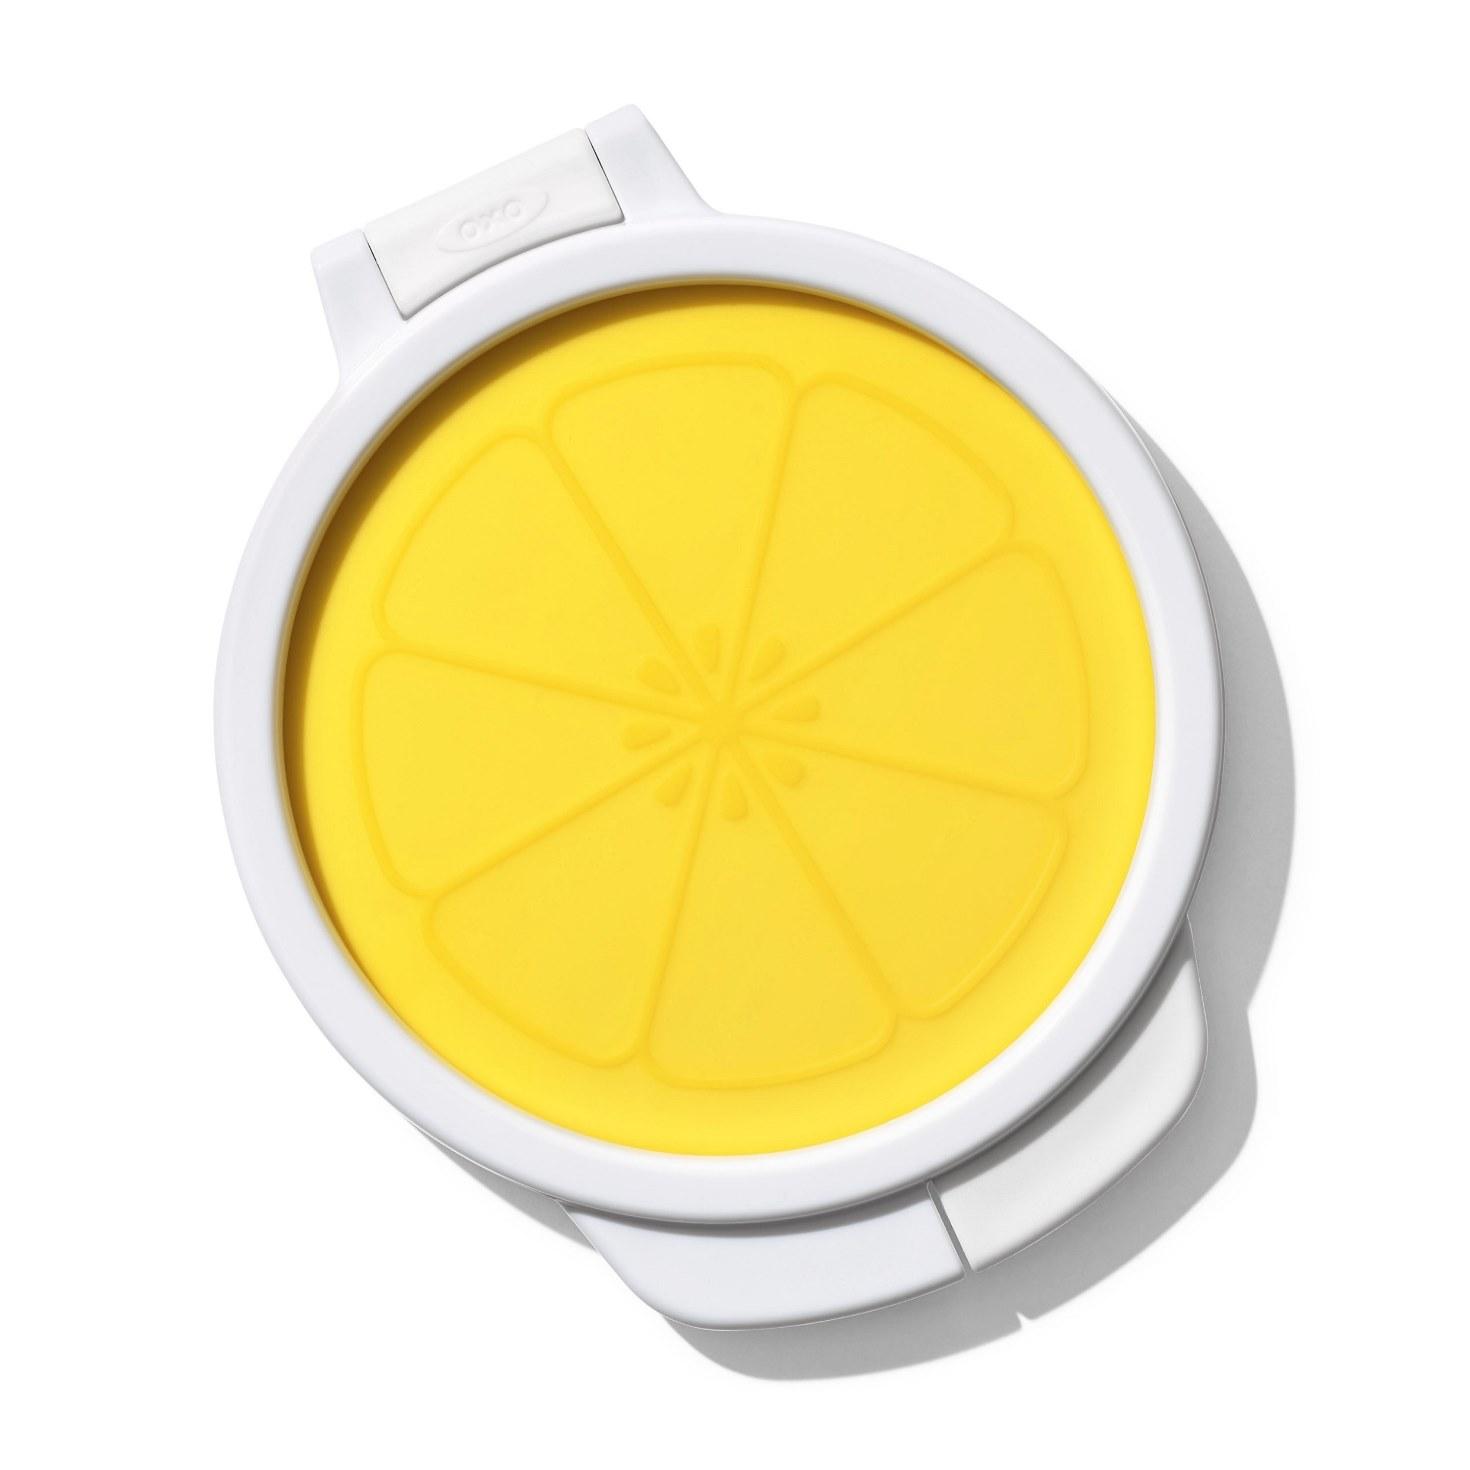 Контейнер гибкий для хранения лимона ОХО FOOD STORAGE, желтый OXO 11249800 фото 2